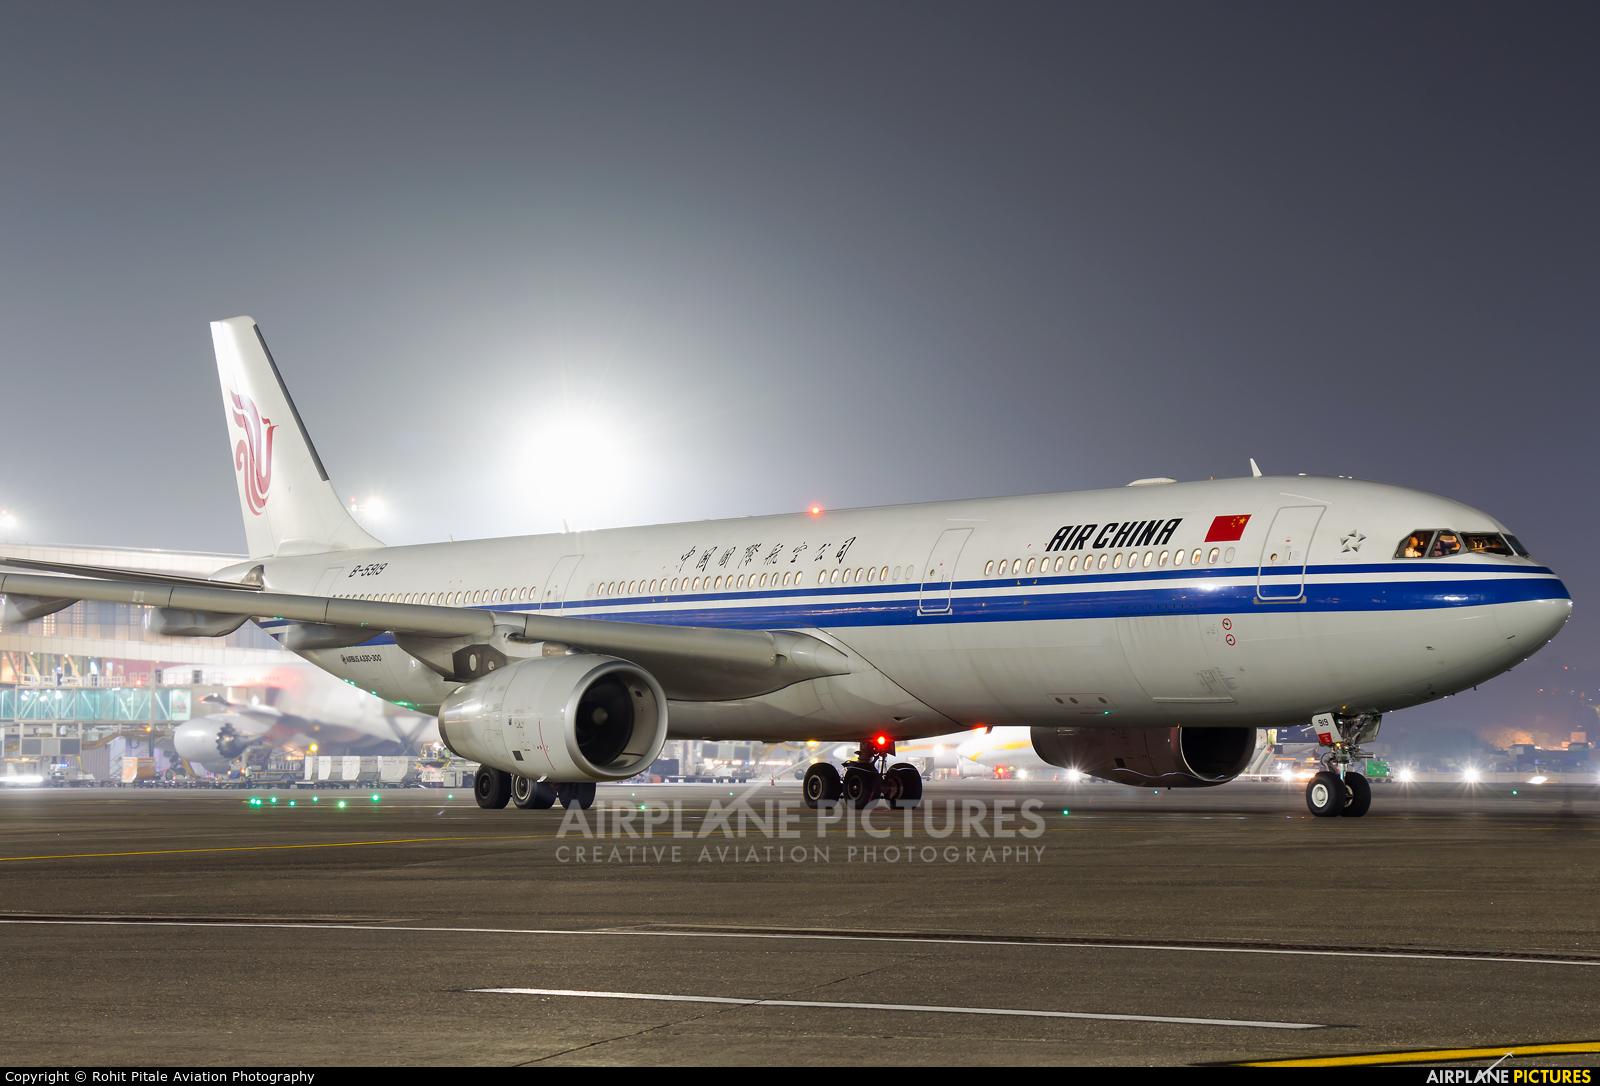 Air China B-5919 aircraft at Mumbai - Chhatrapati Shivaji Intl